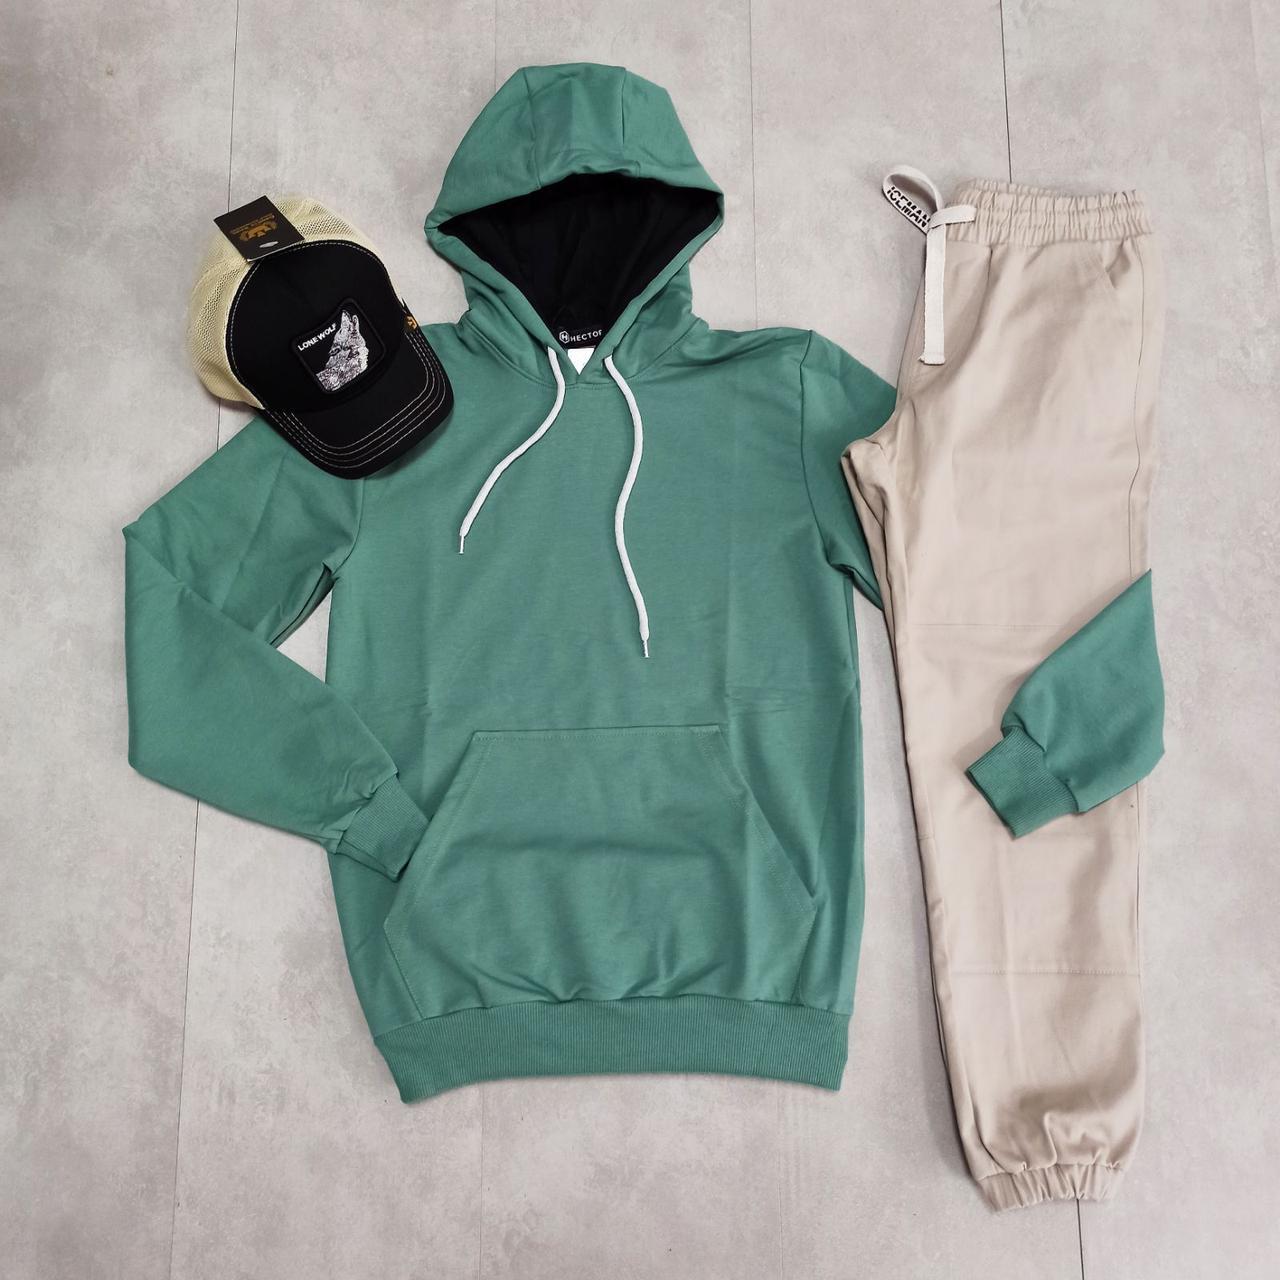 Чоловічий спортивний комплект худі з капюшоном + штанці на манжетах + кепка з малюнком розмір М